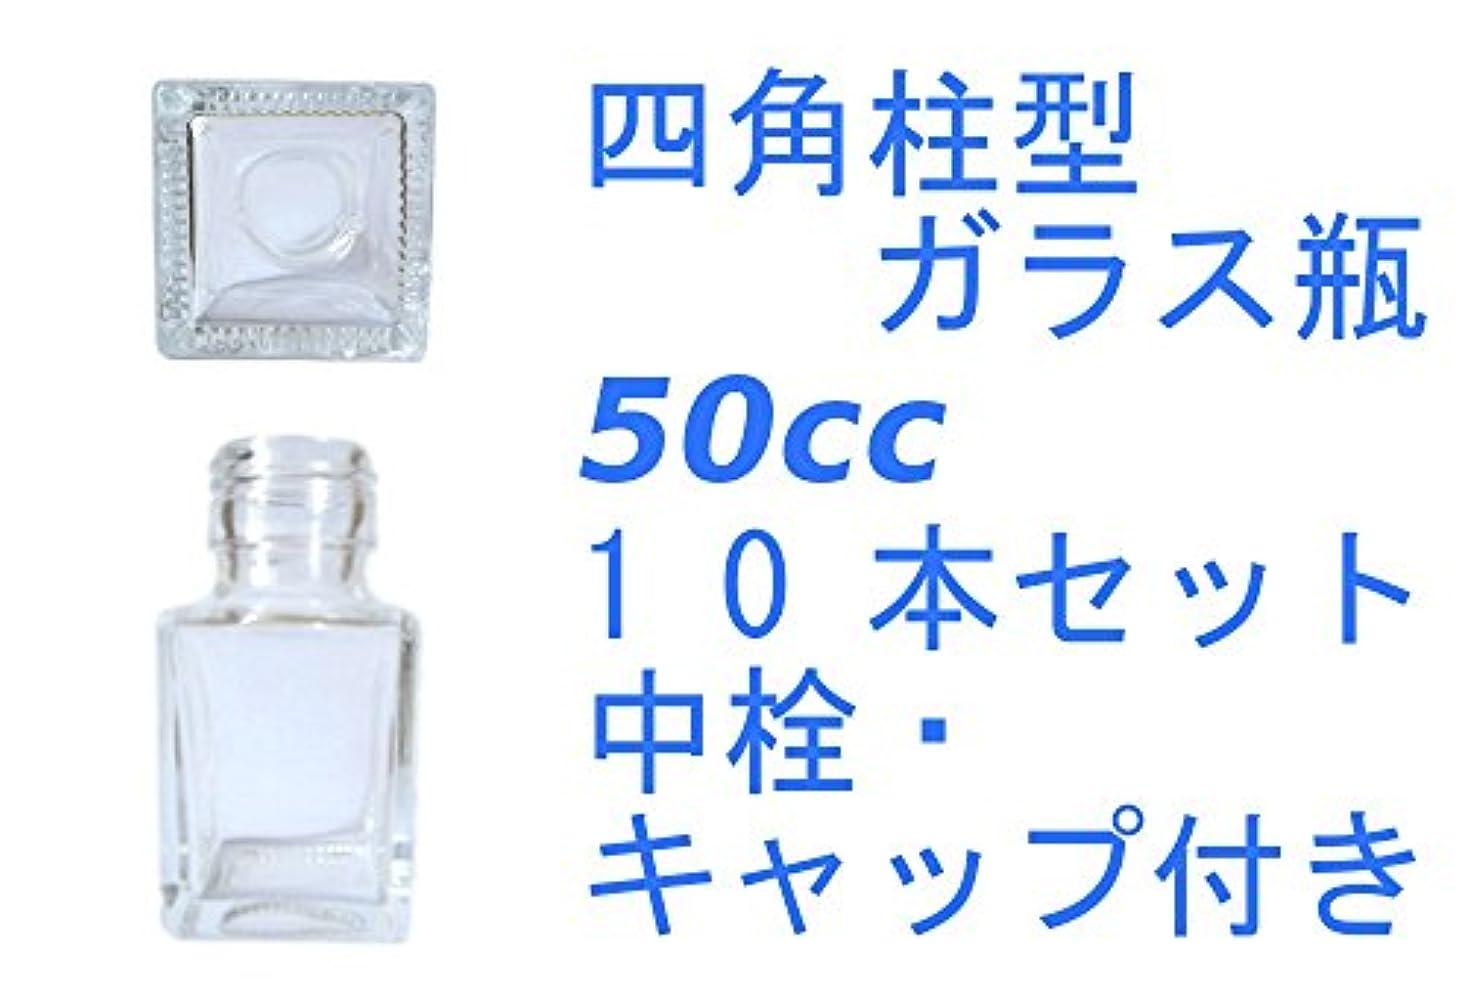 社会主義軽蔑関与する(ジャストユーズ)JustU's 日本製 ポリ栓 中栓付き四角柱型ガラス瓶 10本セット 50cc 50ml アロマディフューザー ハーバリウム 調味料 オイル タレ ドレッシング瓶 B10-SSE50A-A